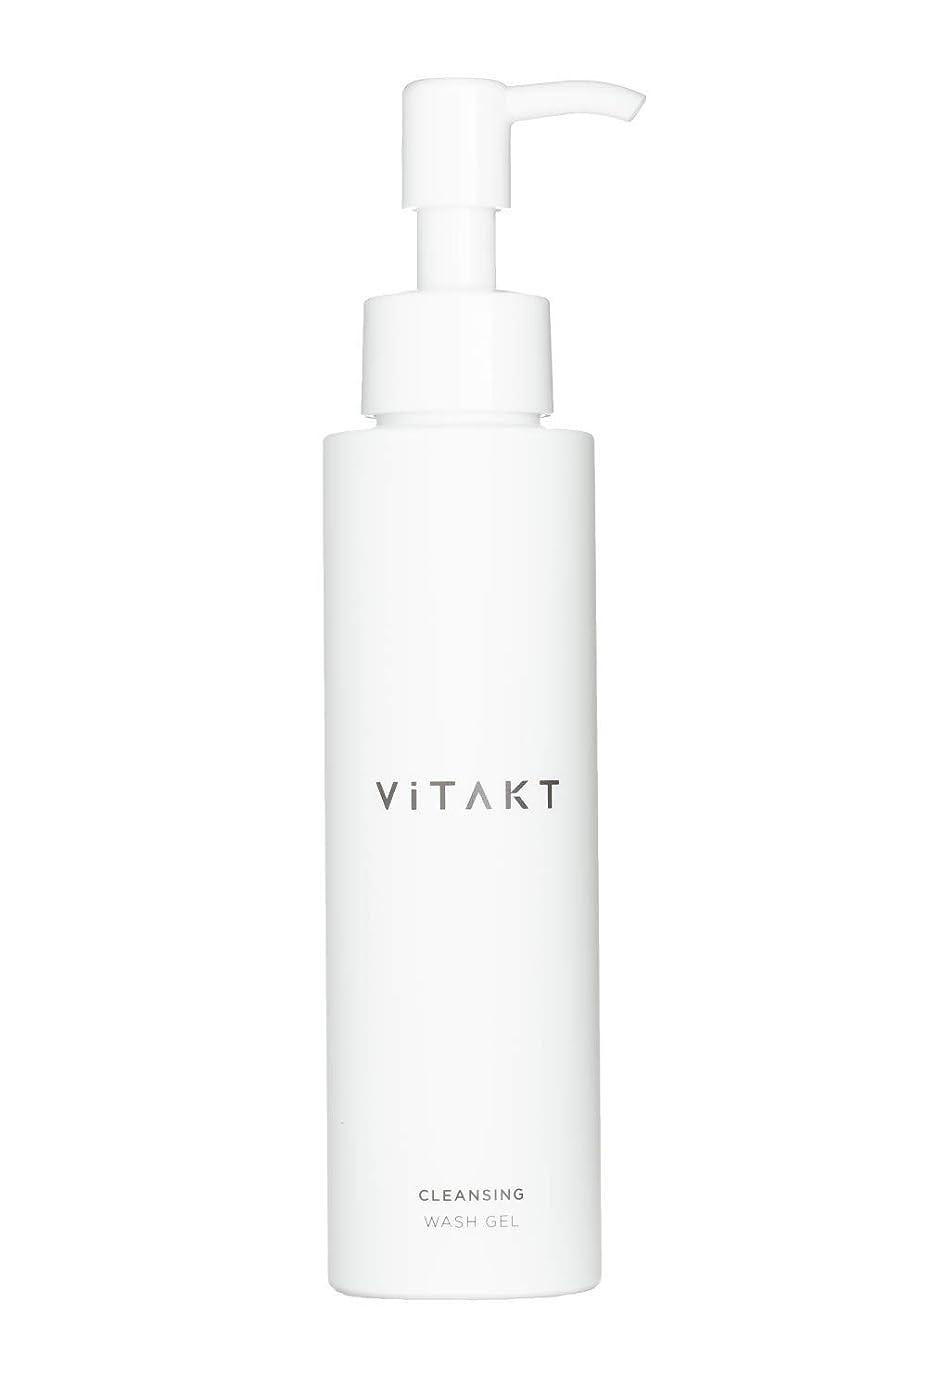 破壊的アヒル植木ヴィタクト ViTAKT クレンジングウォッシュジェル (洗顔 + メイク落とし/W洗顔不要) 無添加 まつエク対応 (120mL)